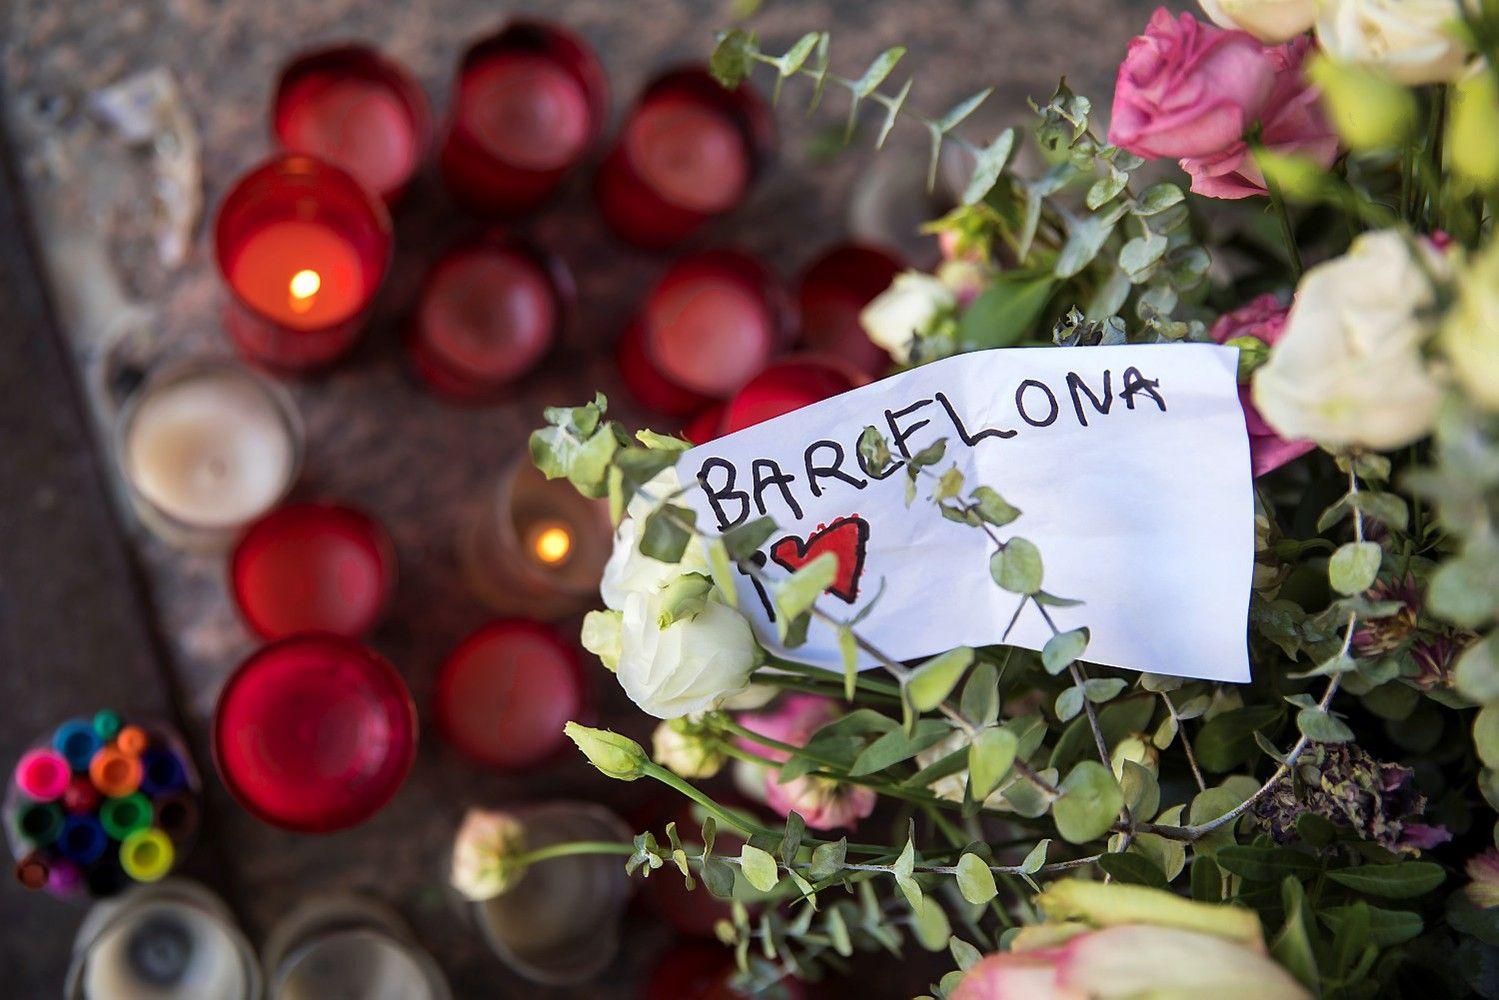 Gaudant Barselonos atakos vykdytoją pašautas asmuo